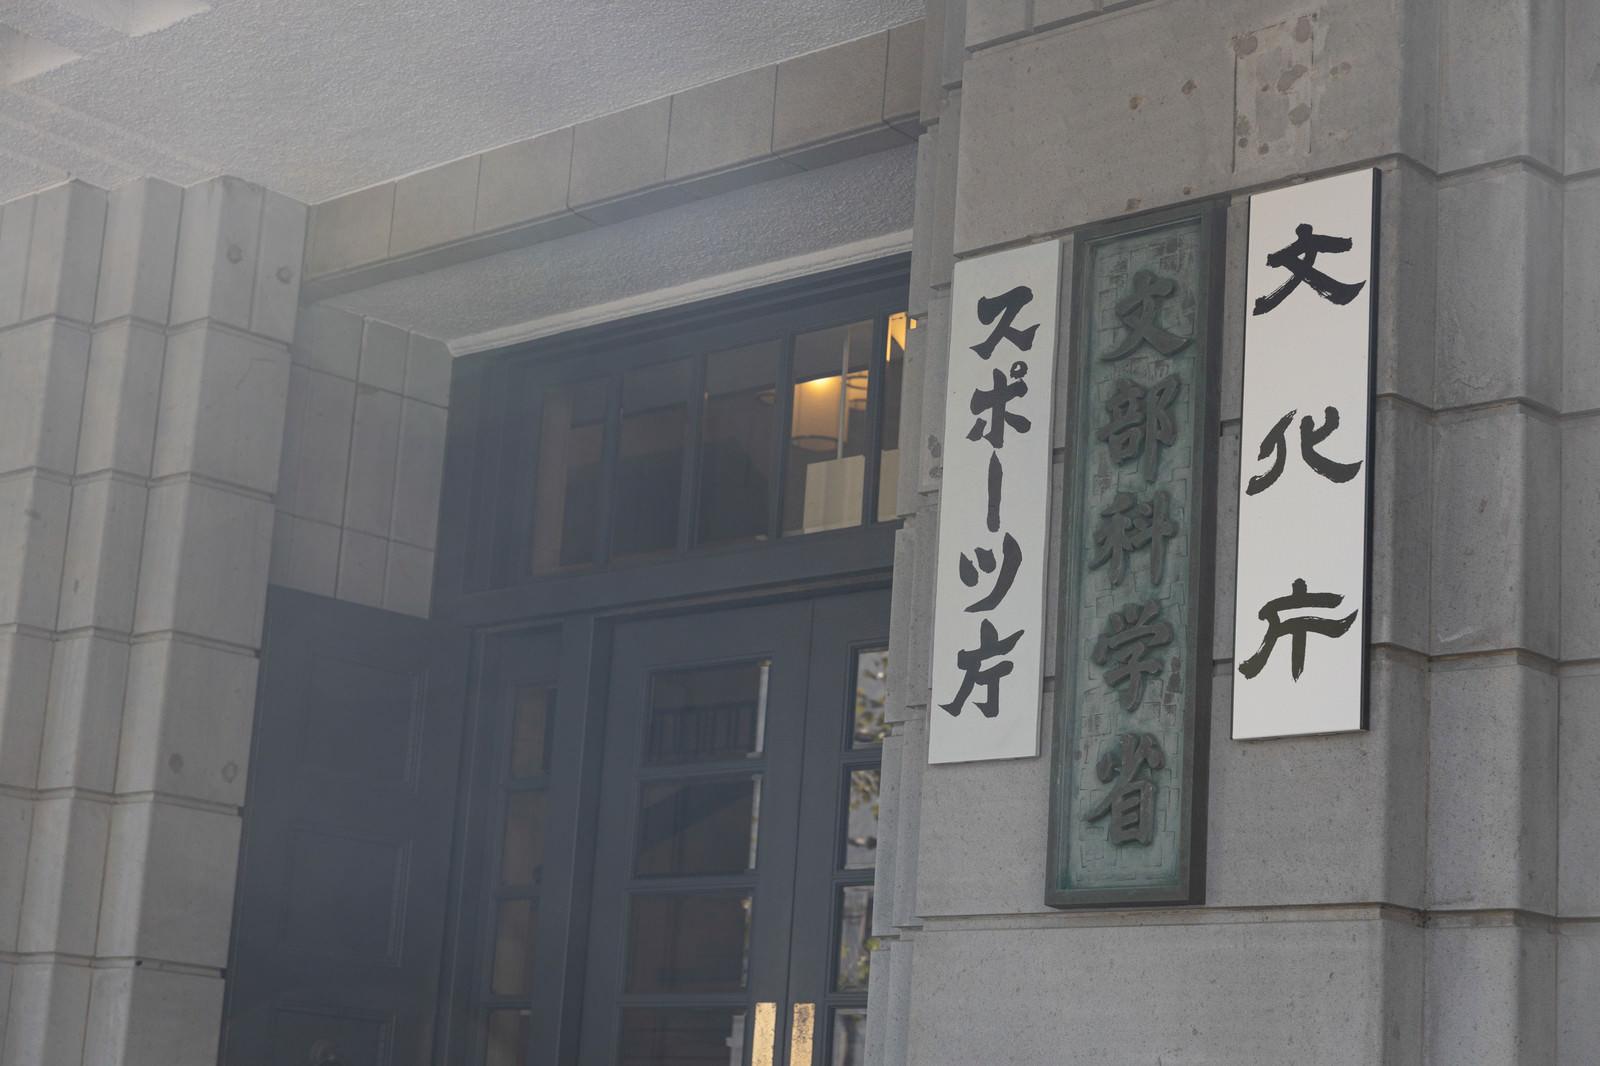 「文部科学省の銘板と通用口」の写真